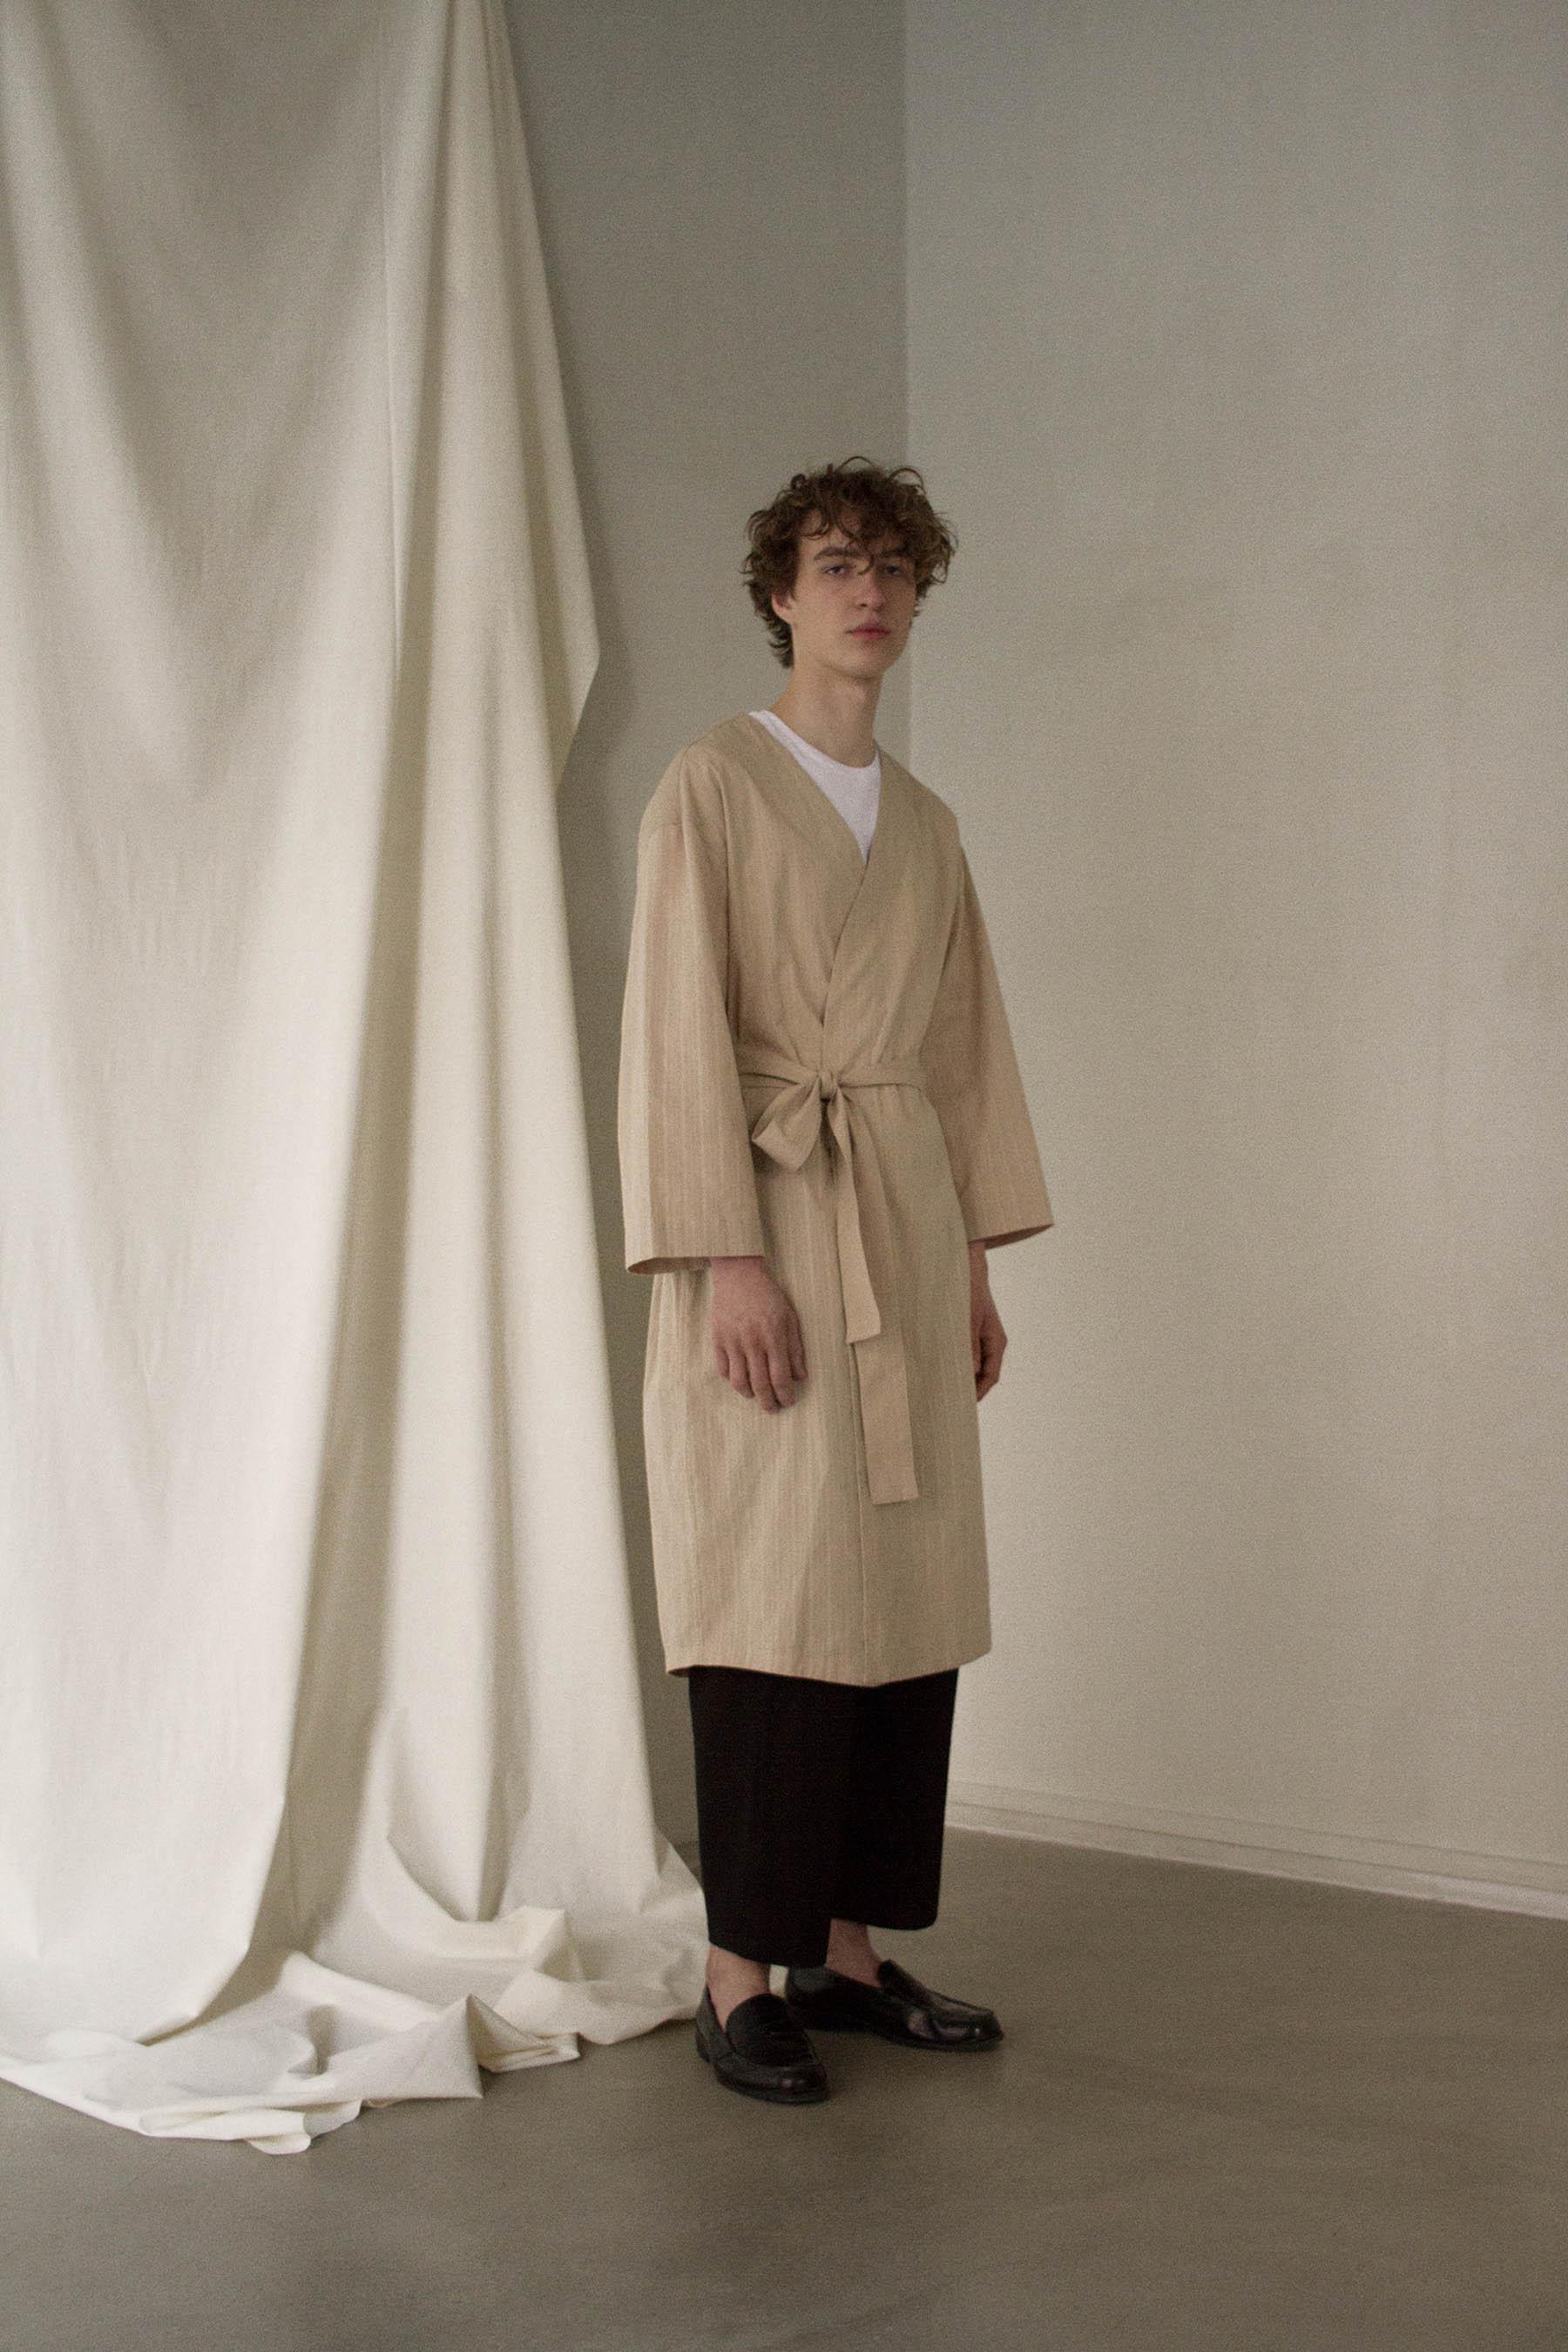 iGNANT-Design-Aure-Studio-005